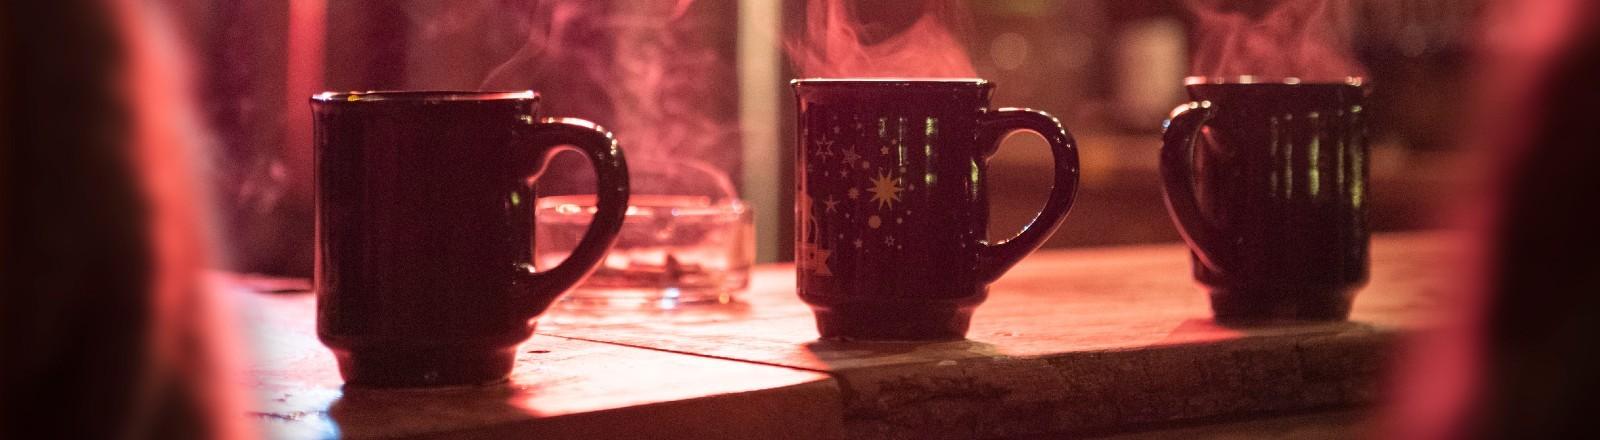 Drei Tassen mit Glühwein, die dampfen